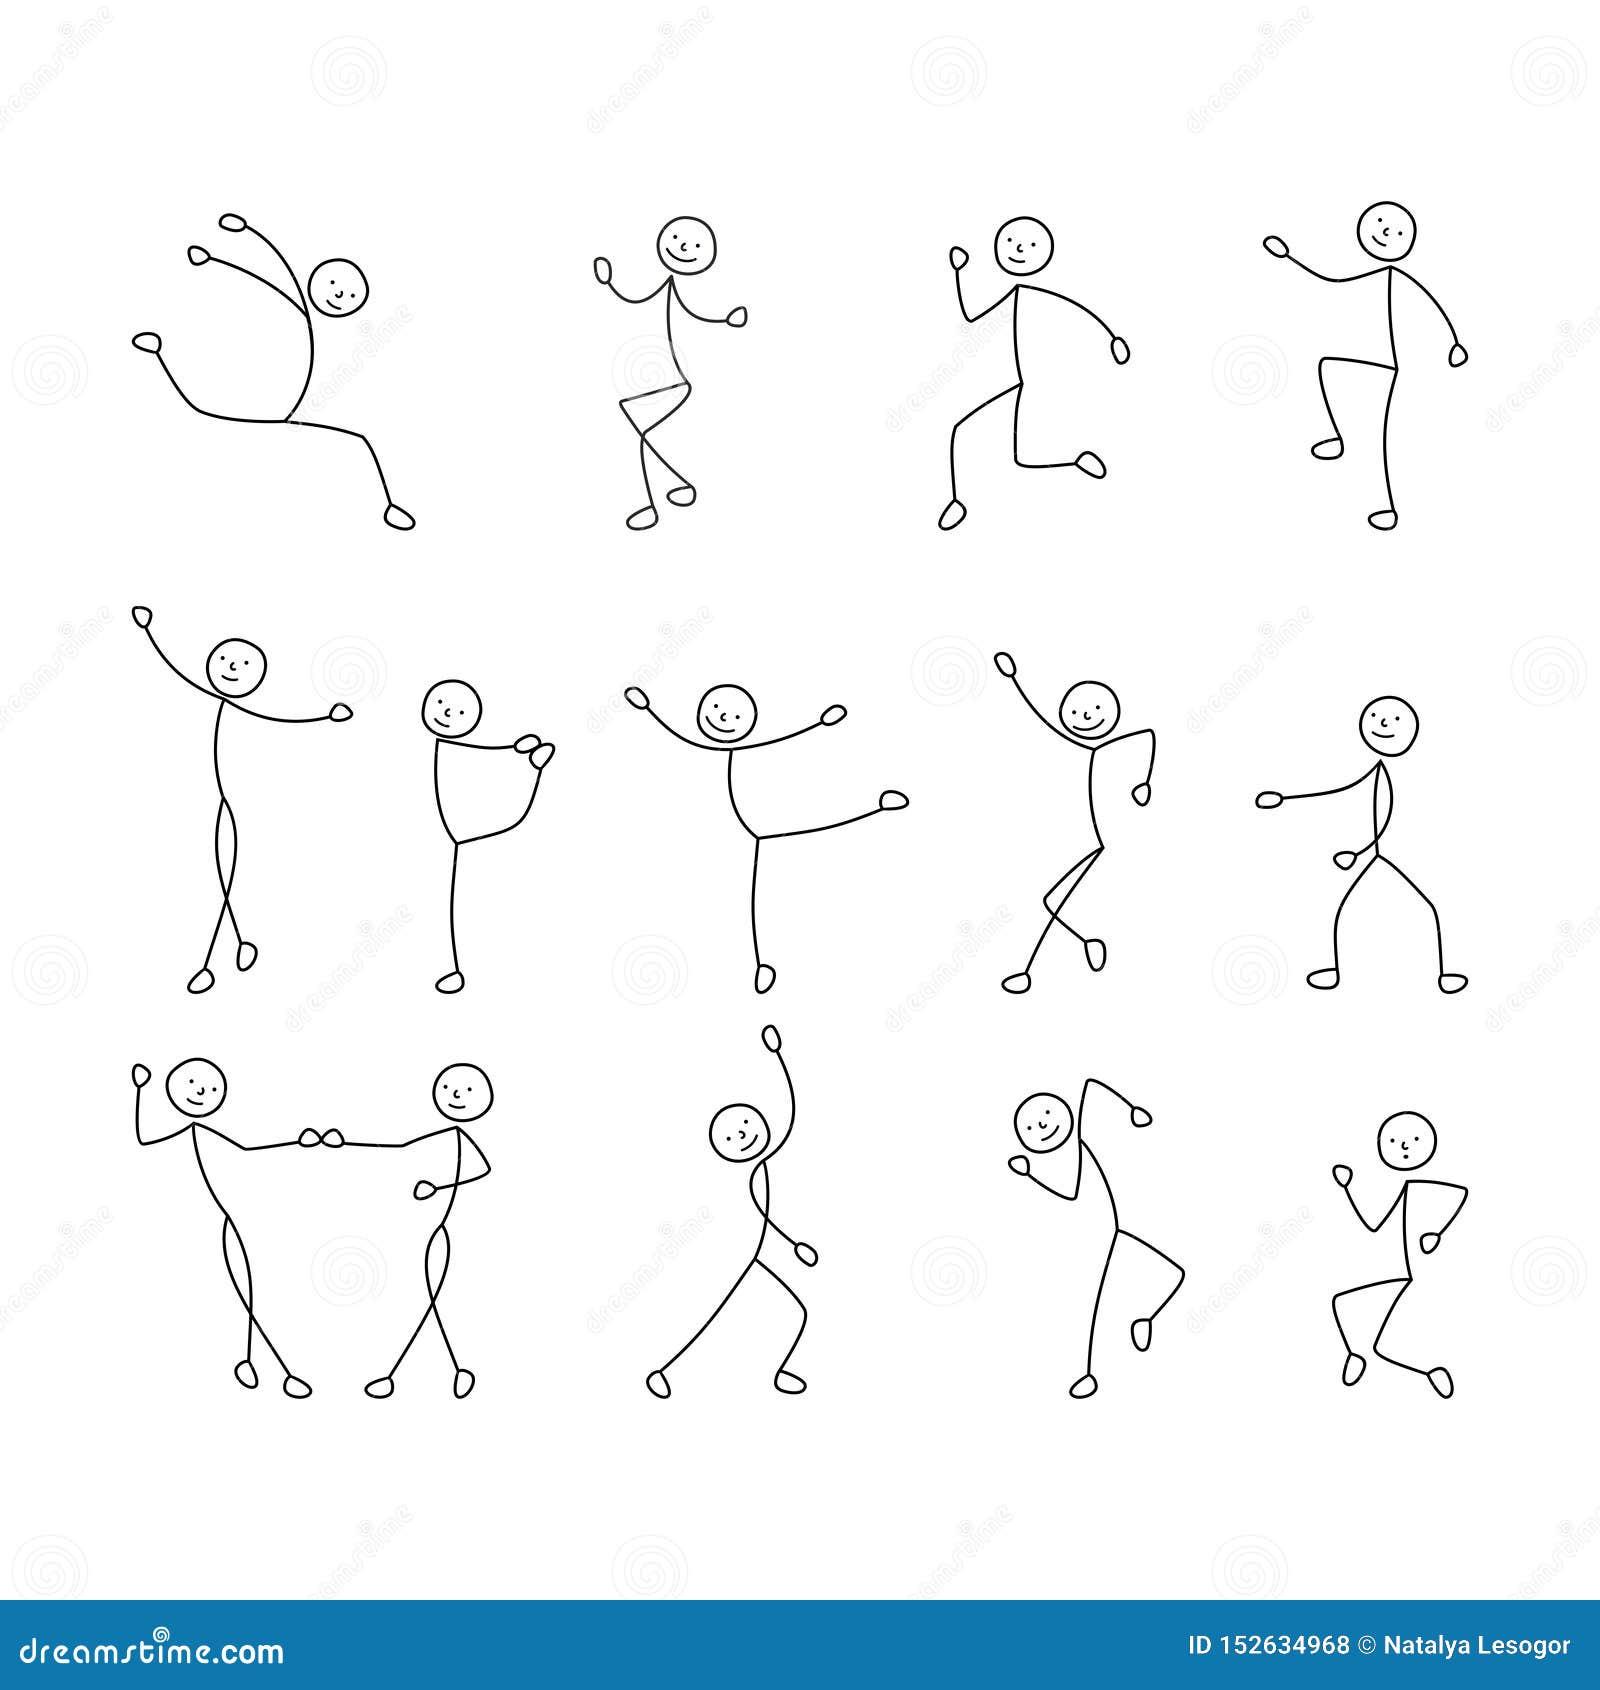 Les icônes de bande dessinée ont placé du croquis chiffre de bâton de lutins, personnes de danse, dessin de dessin à main levée,